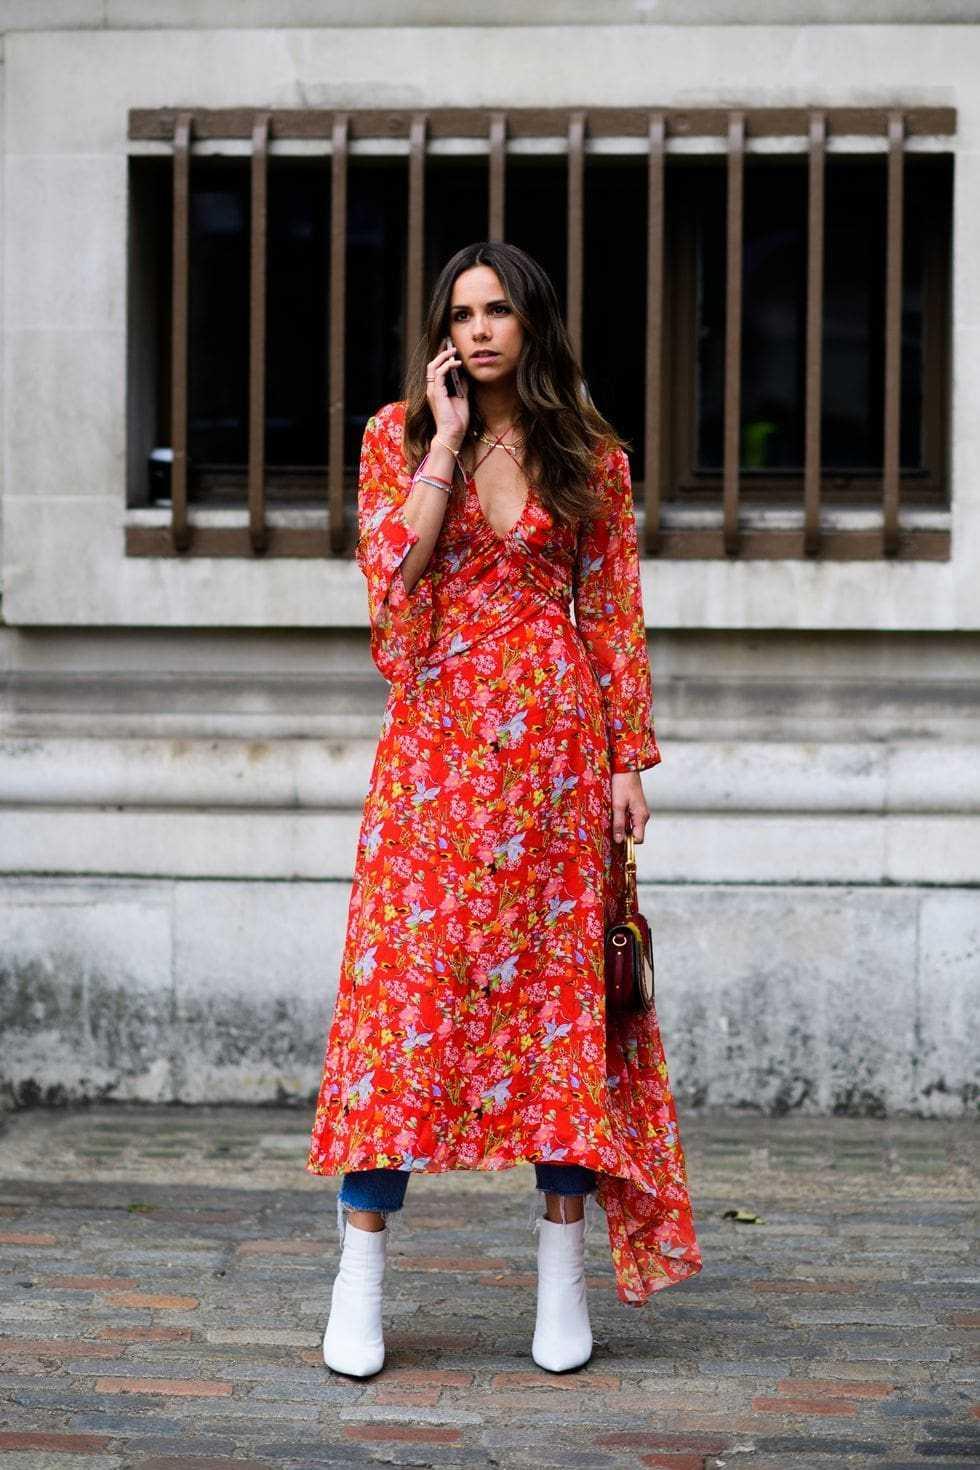 flowy dress + jeans